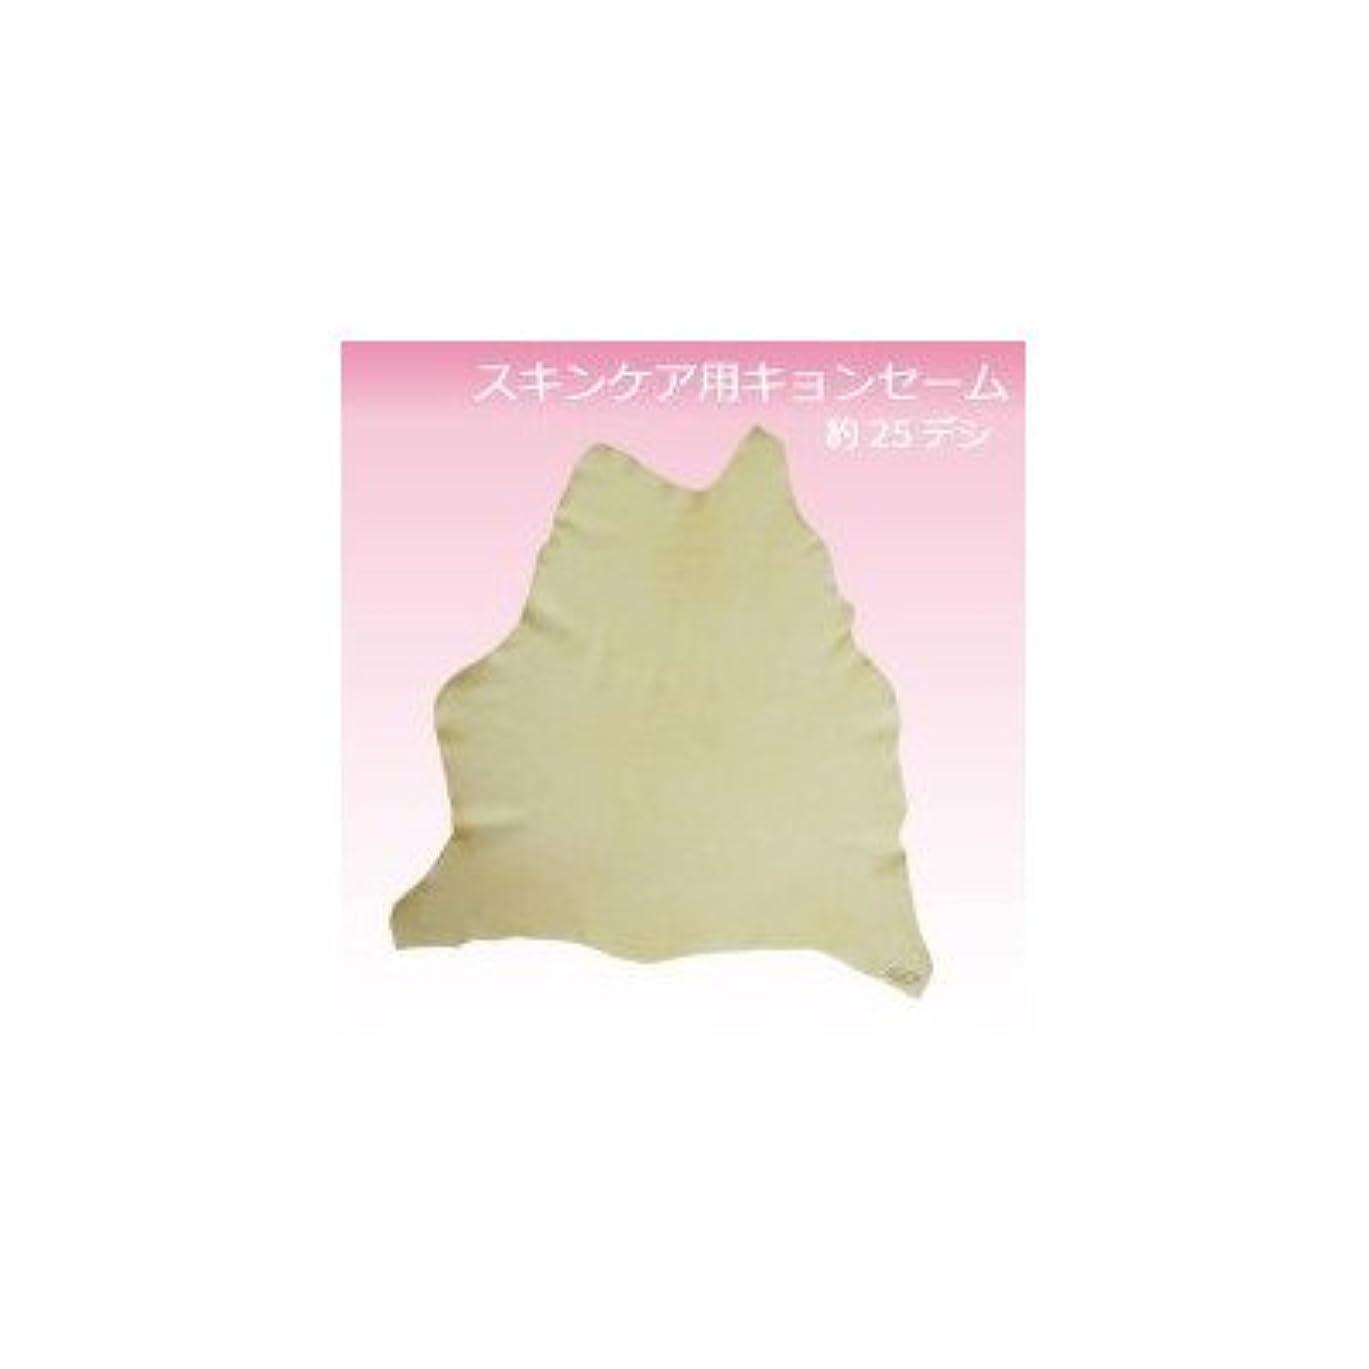 名前草オアシス春日 スキンケア用キョンセーム 25デシ